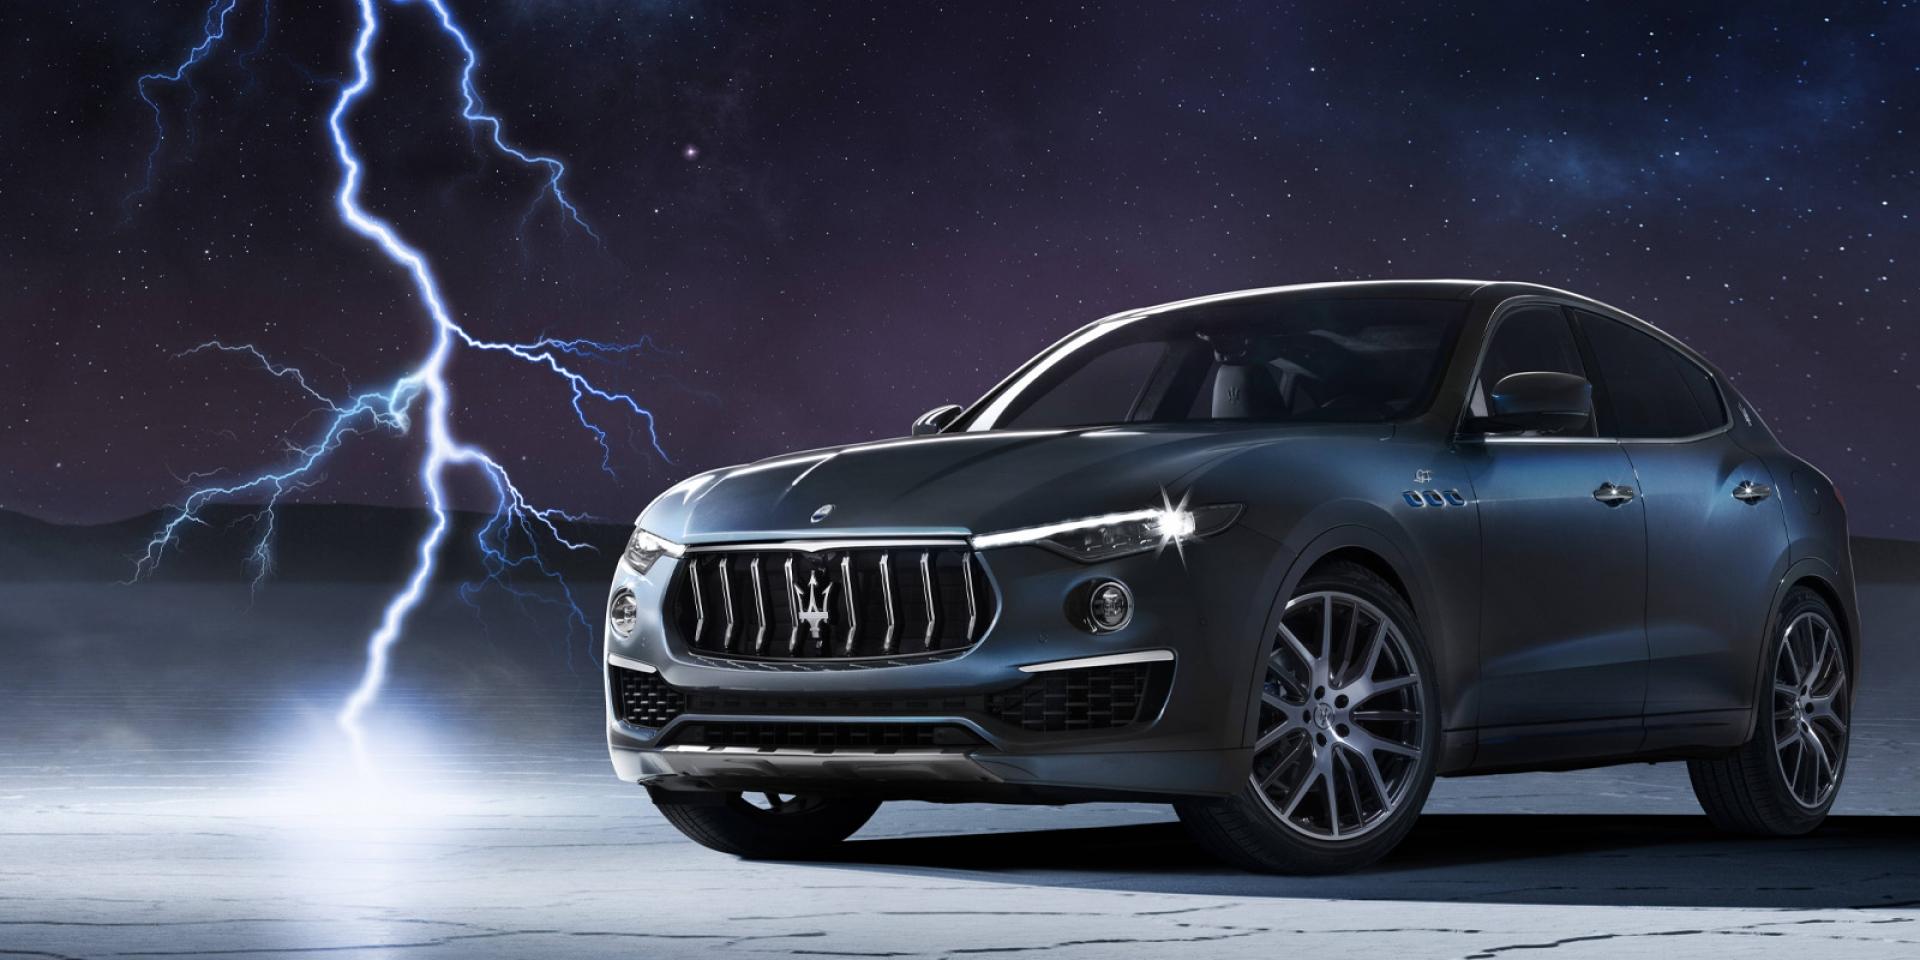 官方新聞稿。Maserati the new Levante 2.0 全球首演正式亮相 !